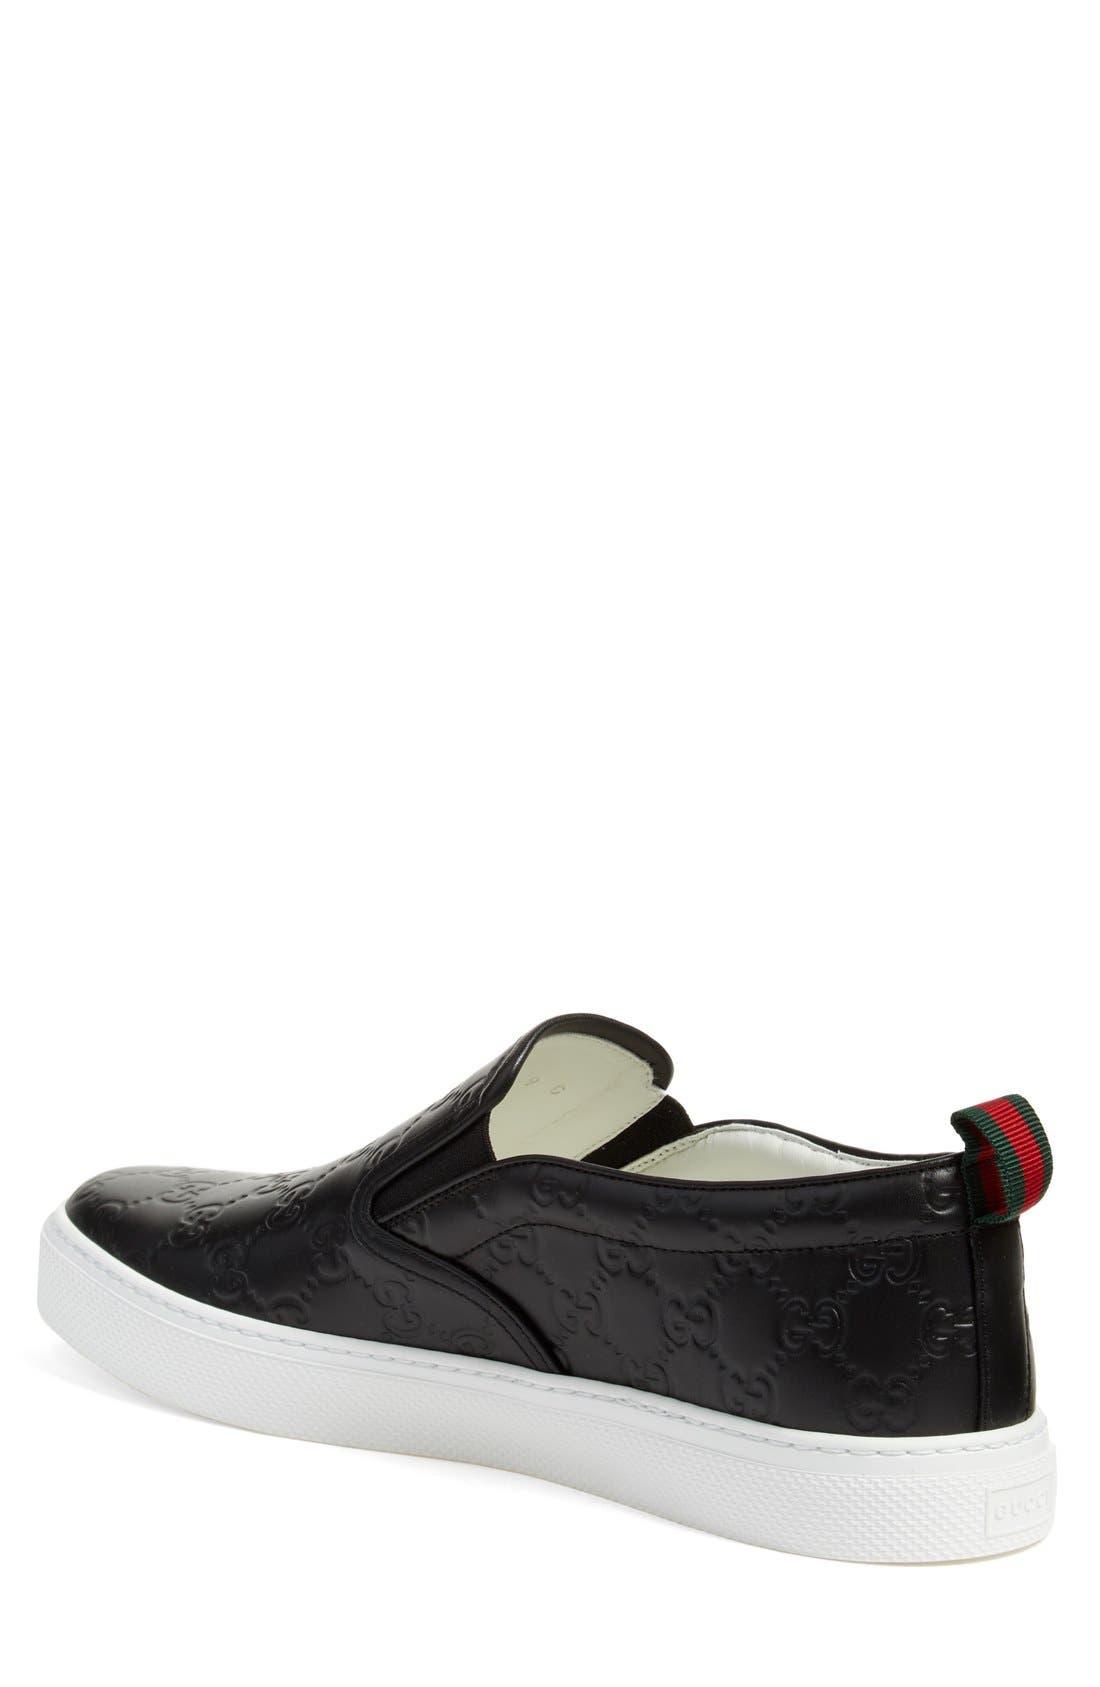 Dublin Slip-On Sneaker,                             Alternate thumbnail 20, color,